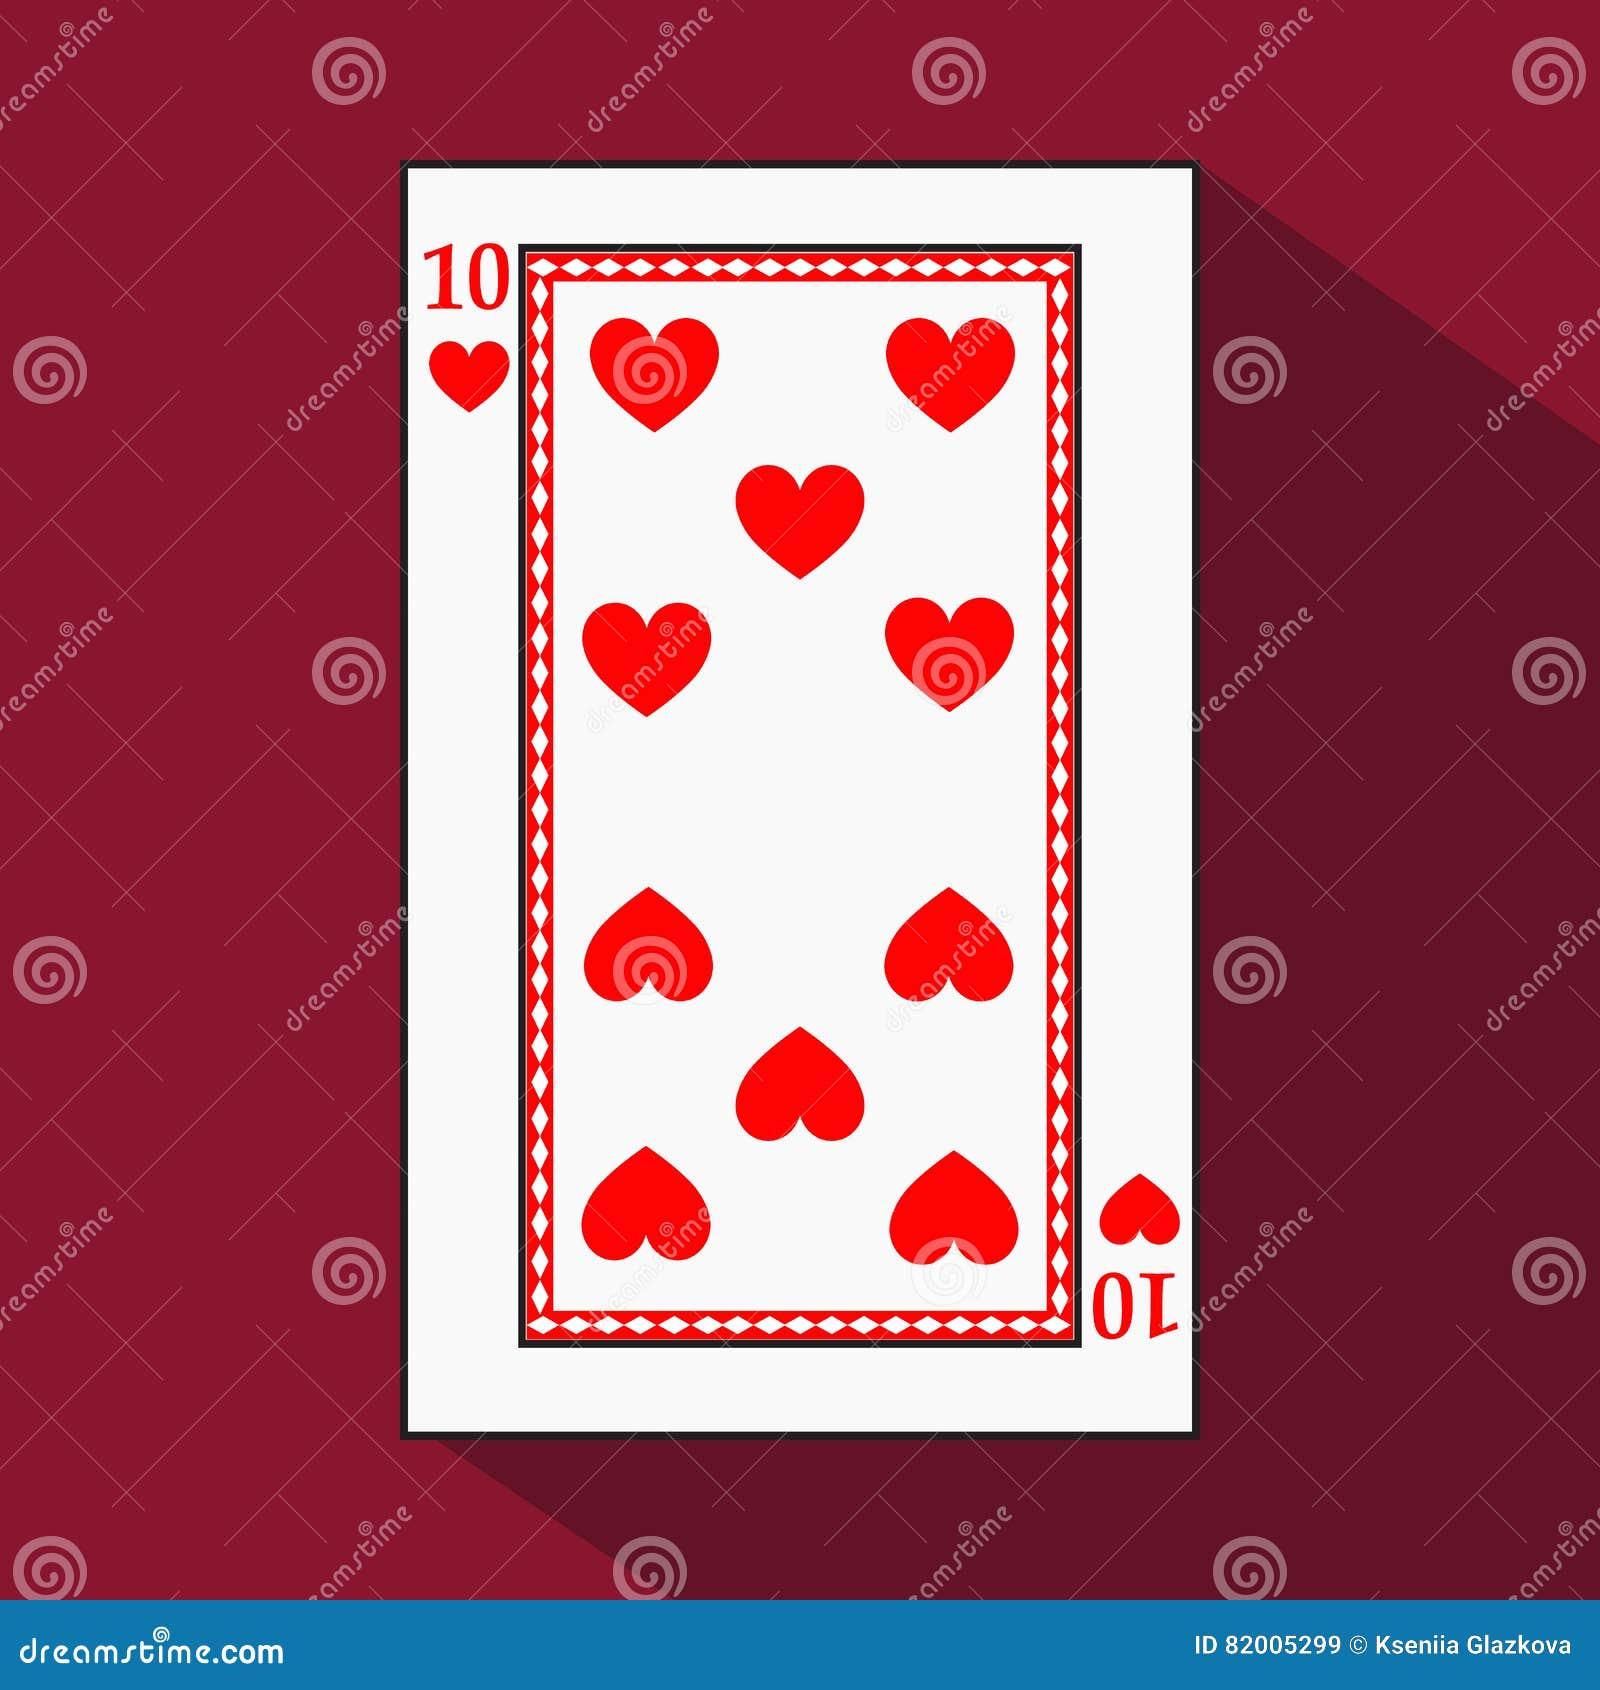 Spielkarte das Ikonenbild ist einfach HERZ ZEHN 10 mit Weiß ein Basissubstrat Illustration auf rotem Hintergrund applicat